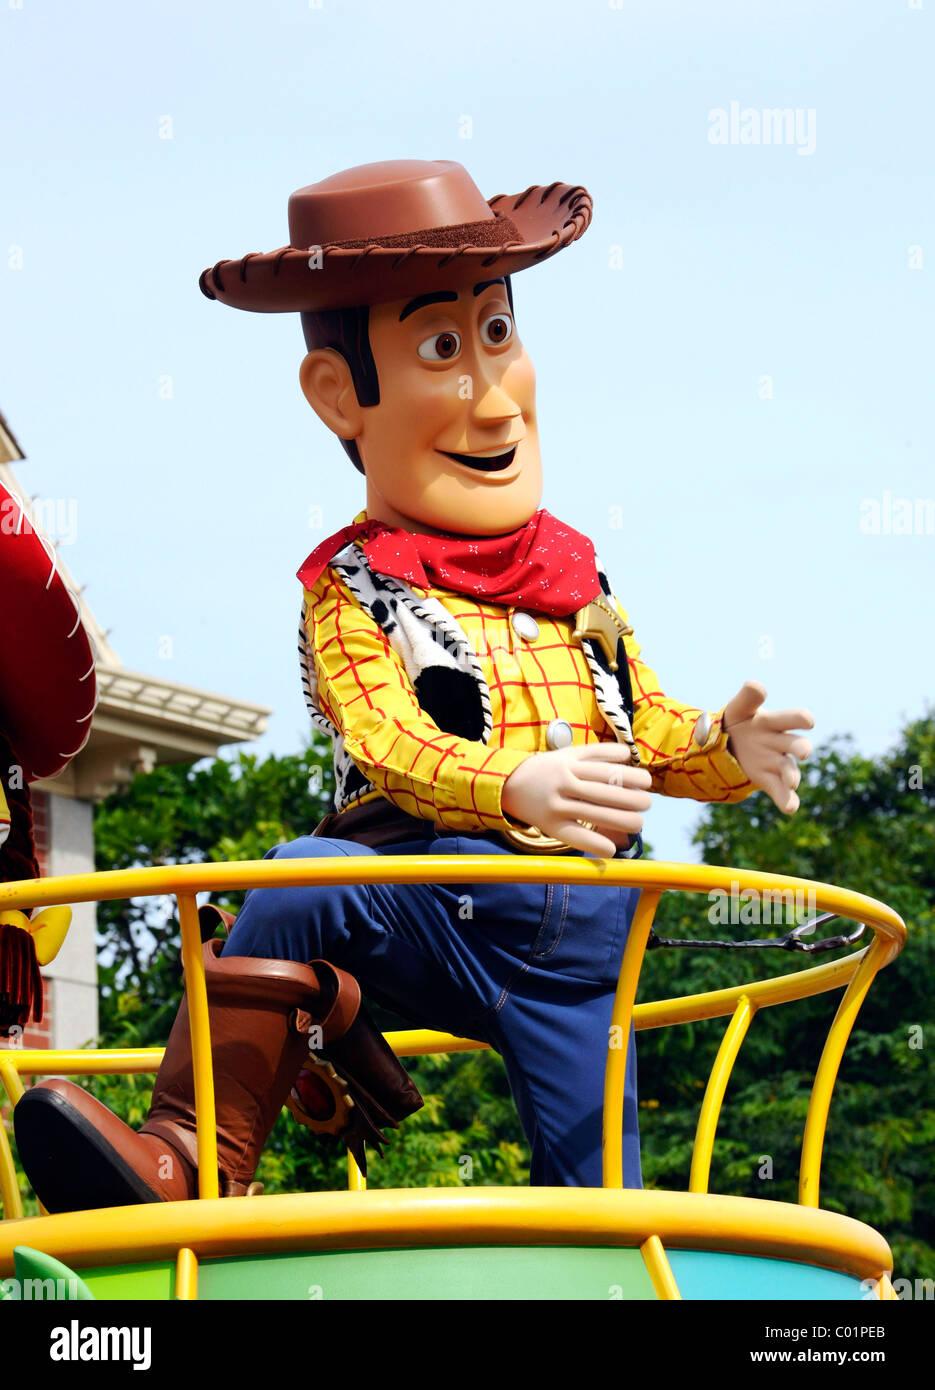 Woody on a truck at Disneyland, Hong Kong, China, Asia - Stock Image